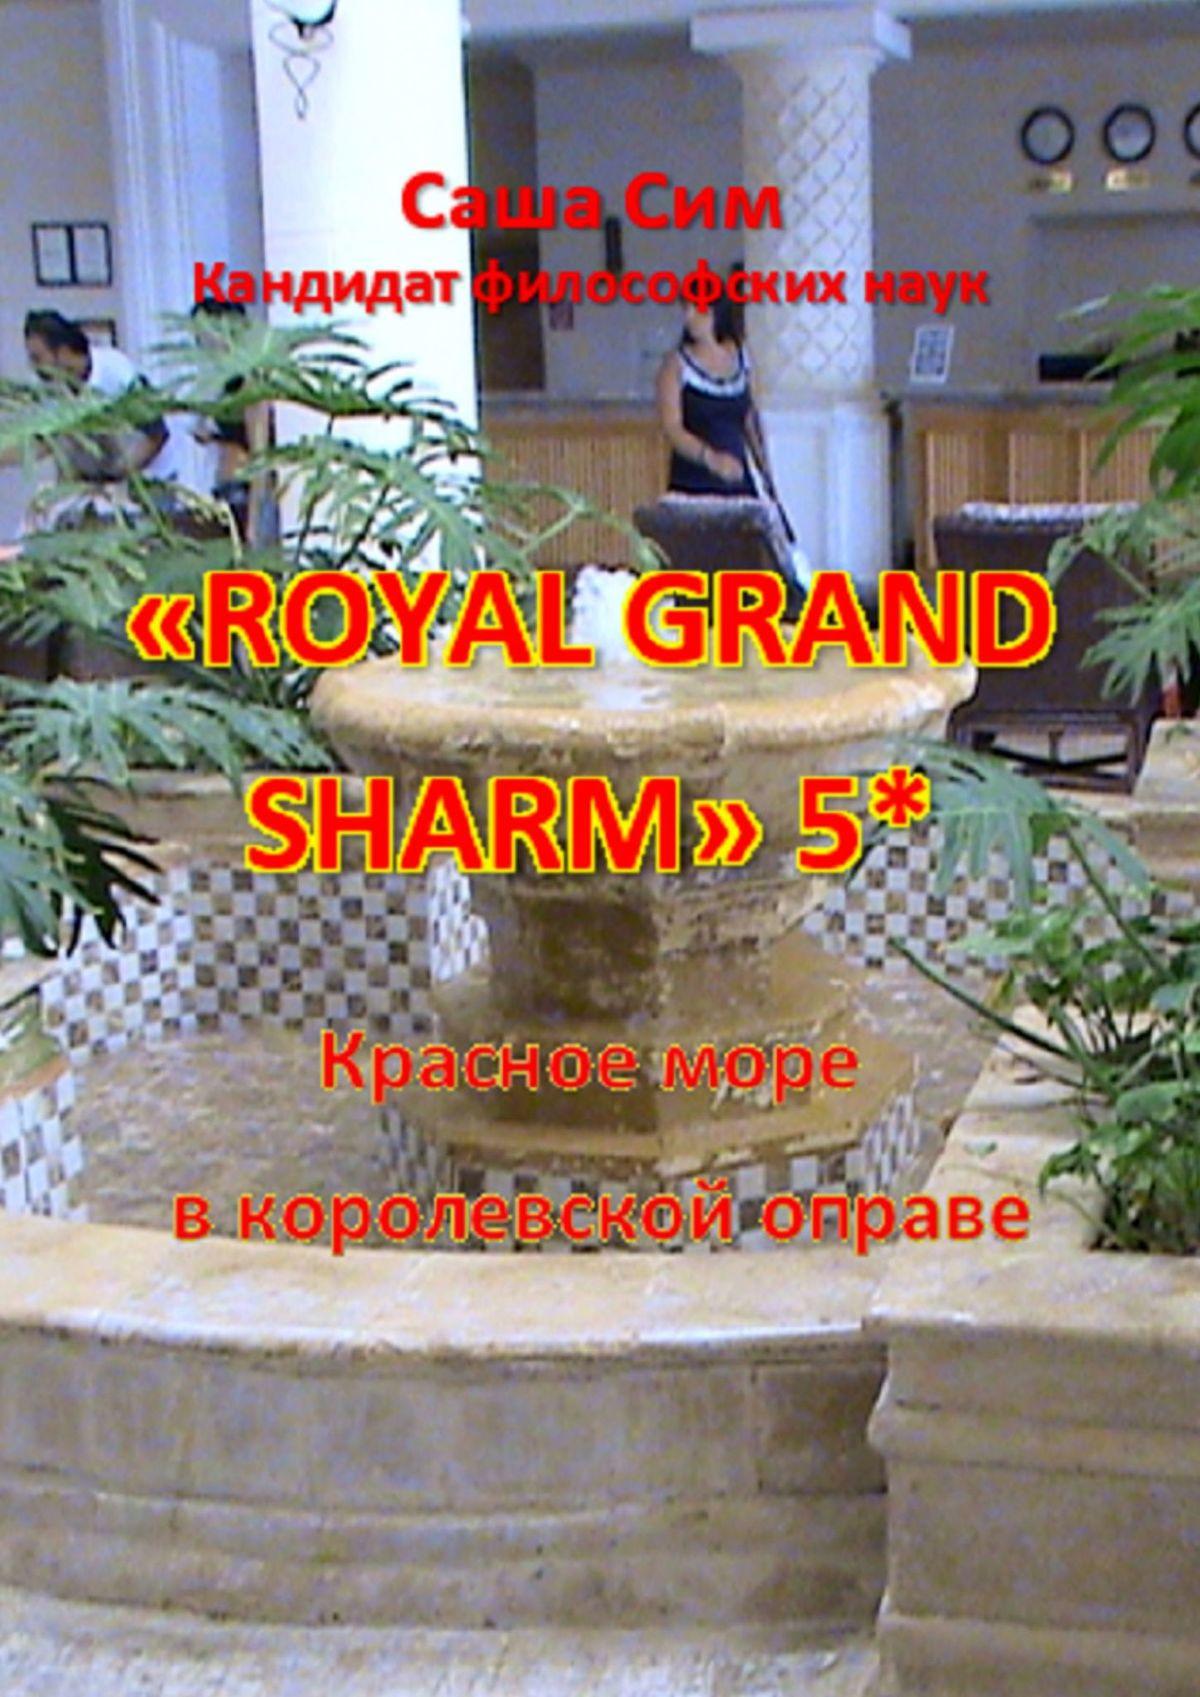 Саша Сим Royal Grand Sharm 5*. Путевые заметки изЕгипта саша сим royal albatros moderna 5 путевые заметки из египта